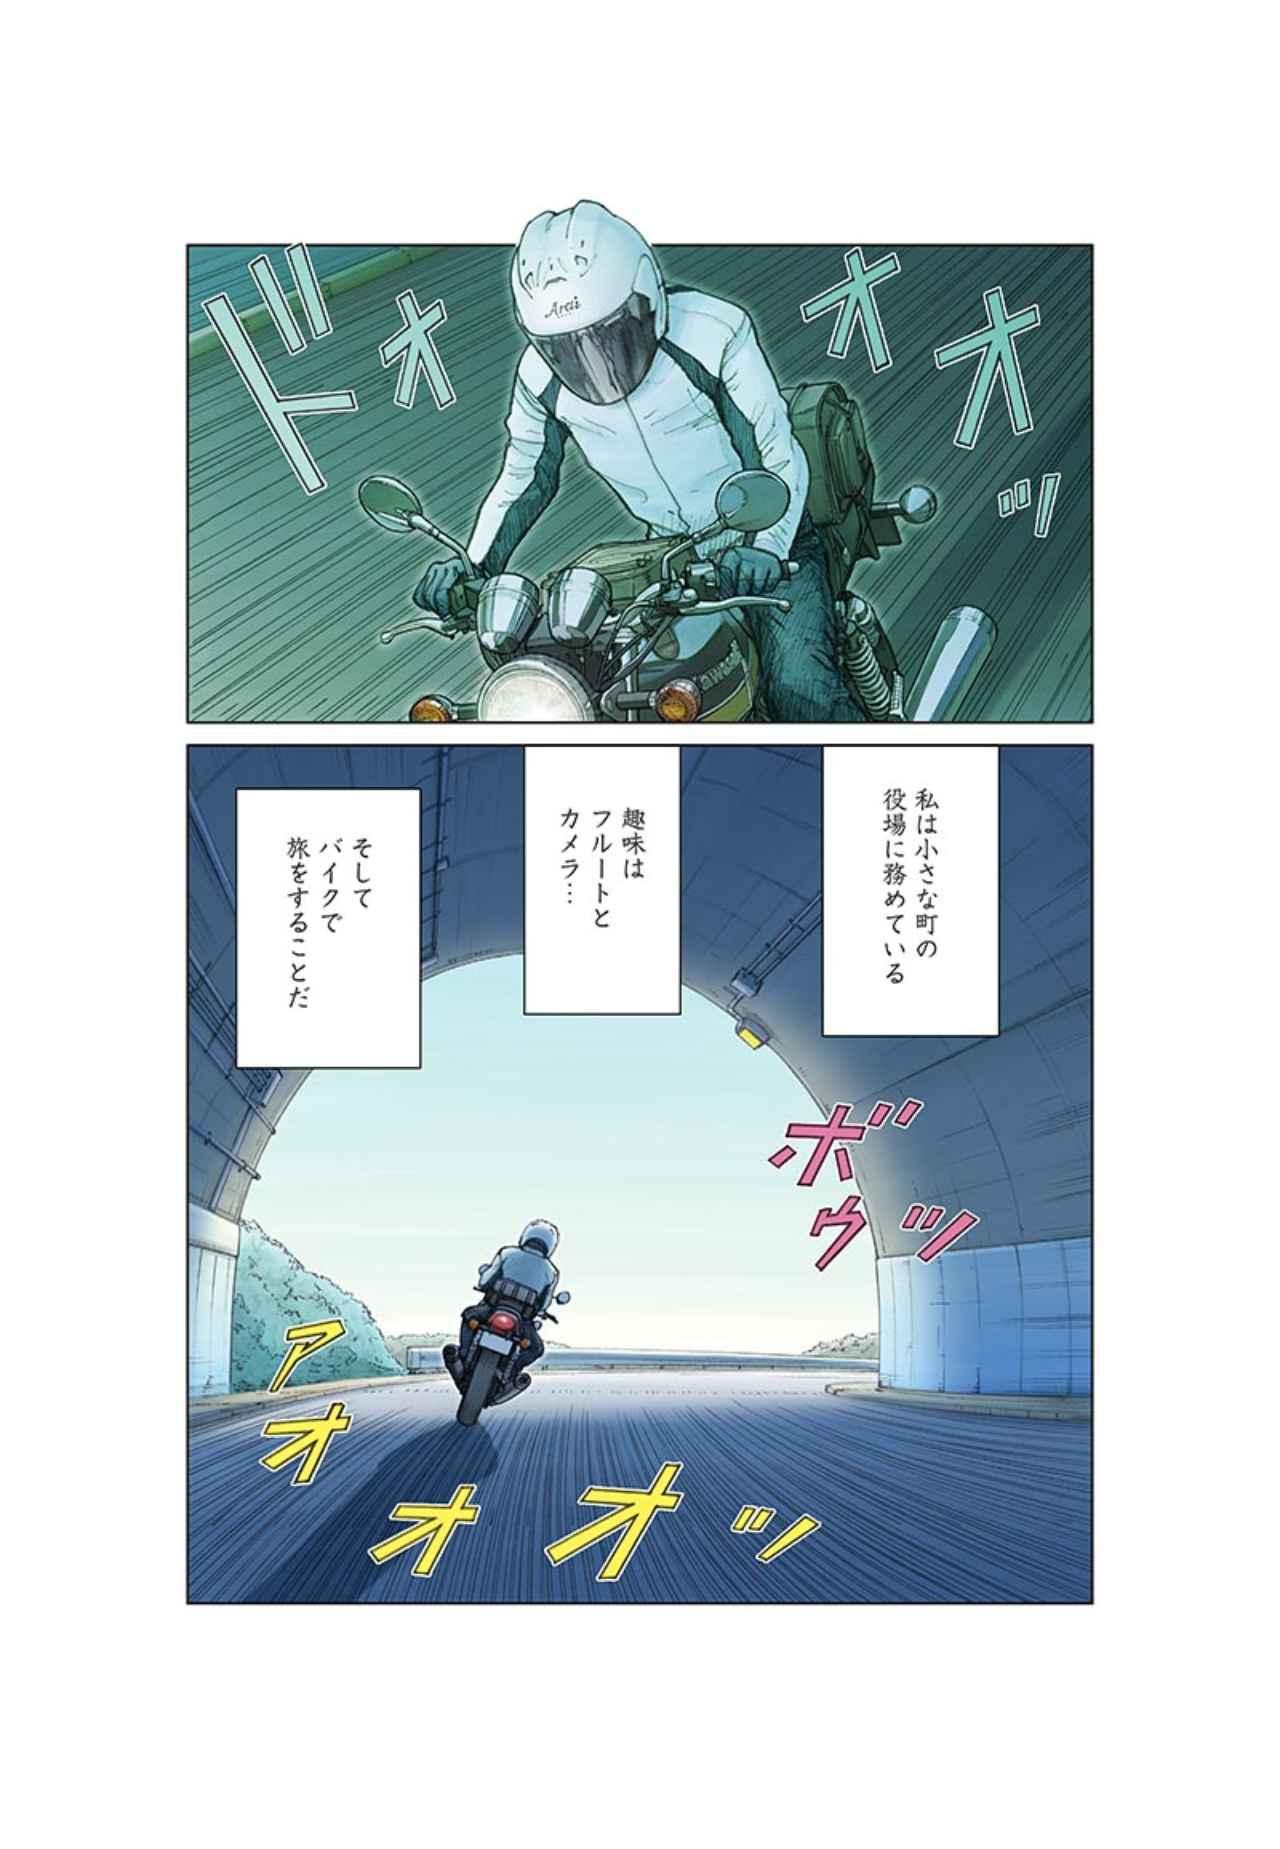 画像3: 新生【RIDE】第11号、発売中!!!